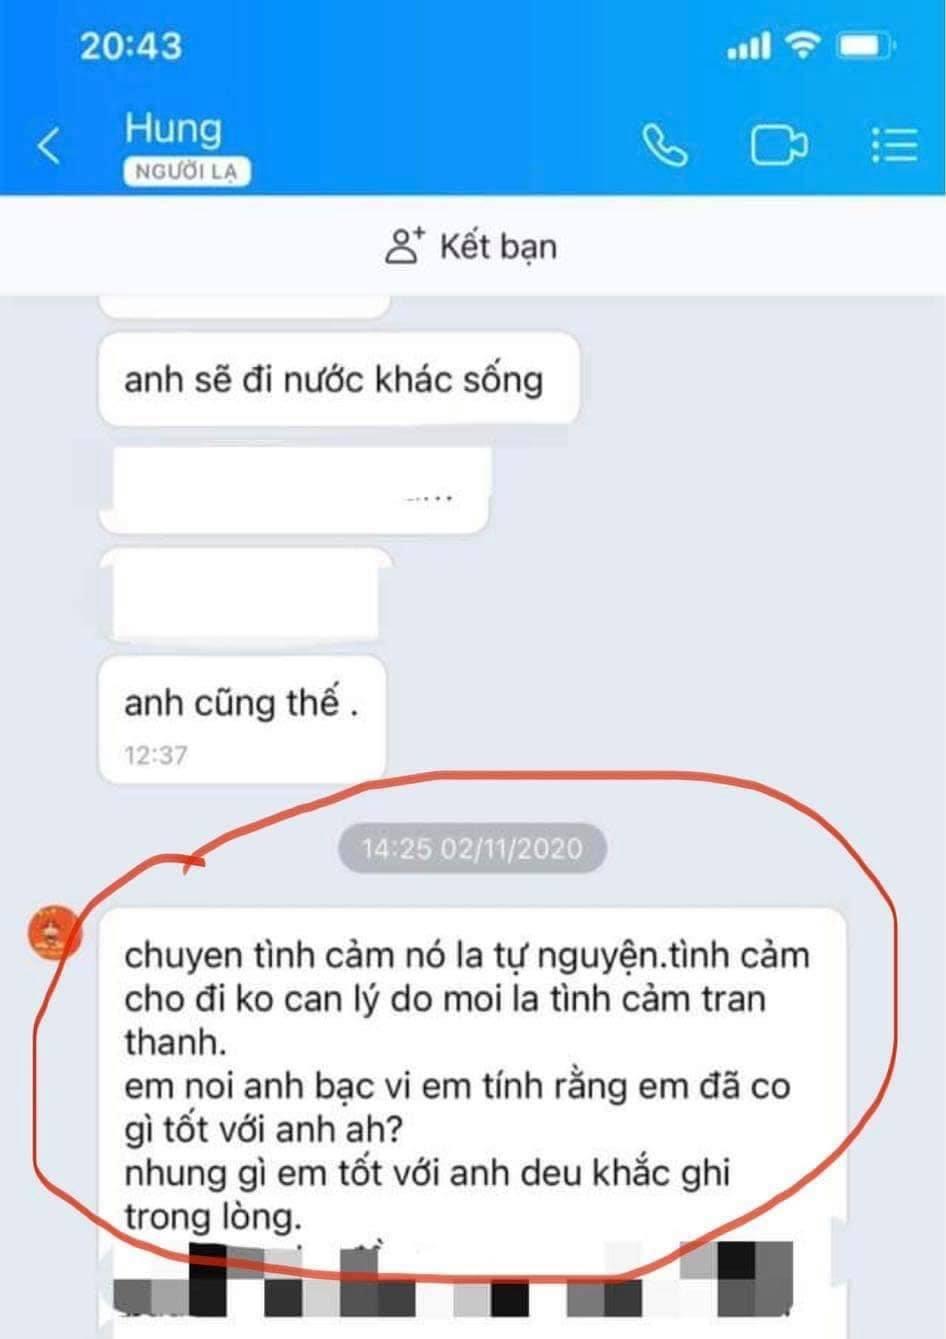 Sau 5 năm Quế Vân nhắc lại drama tình ái với Trường Giang, kèm cả tin nhắn em tốt quá, đừng bỏ rơi anh - Ảnh 4.